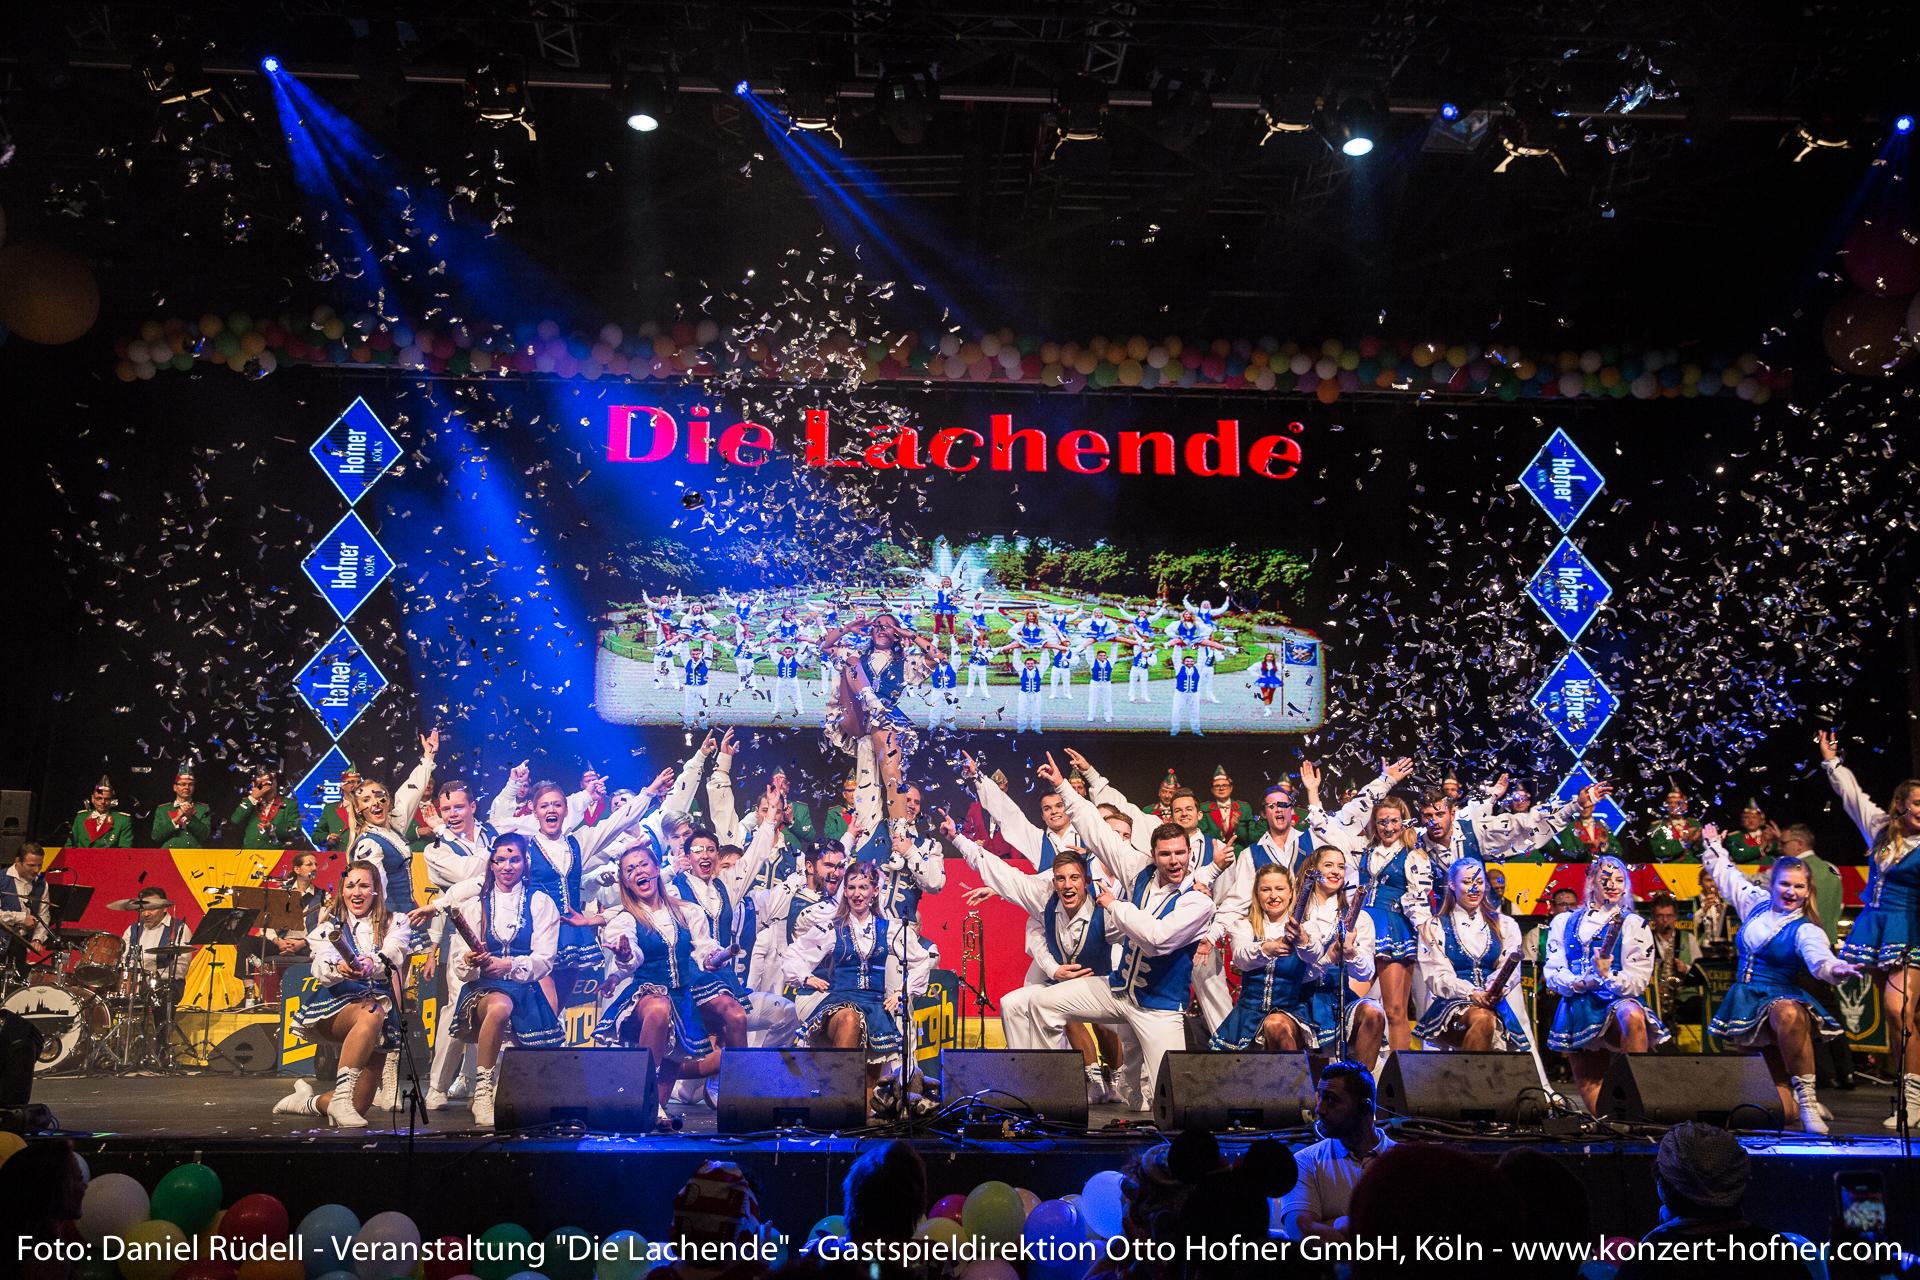 Die Lachende 2022 (Düsseldorf)